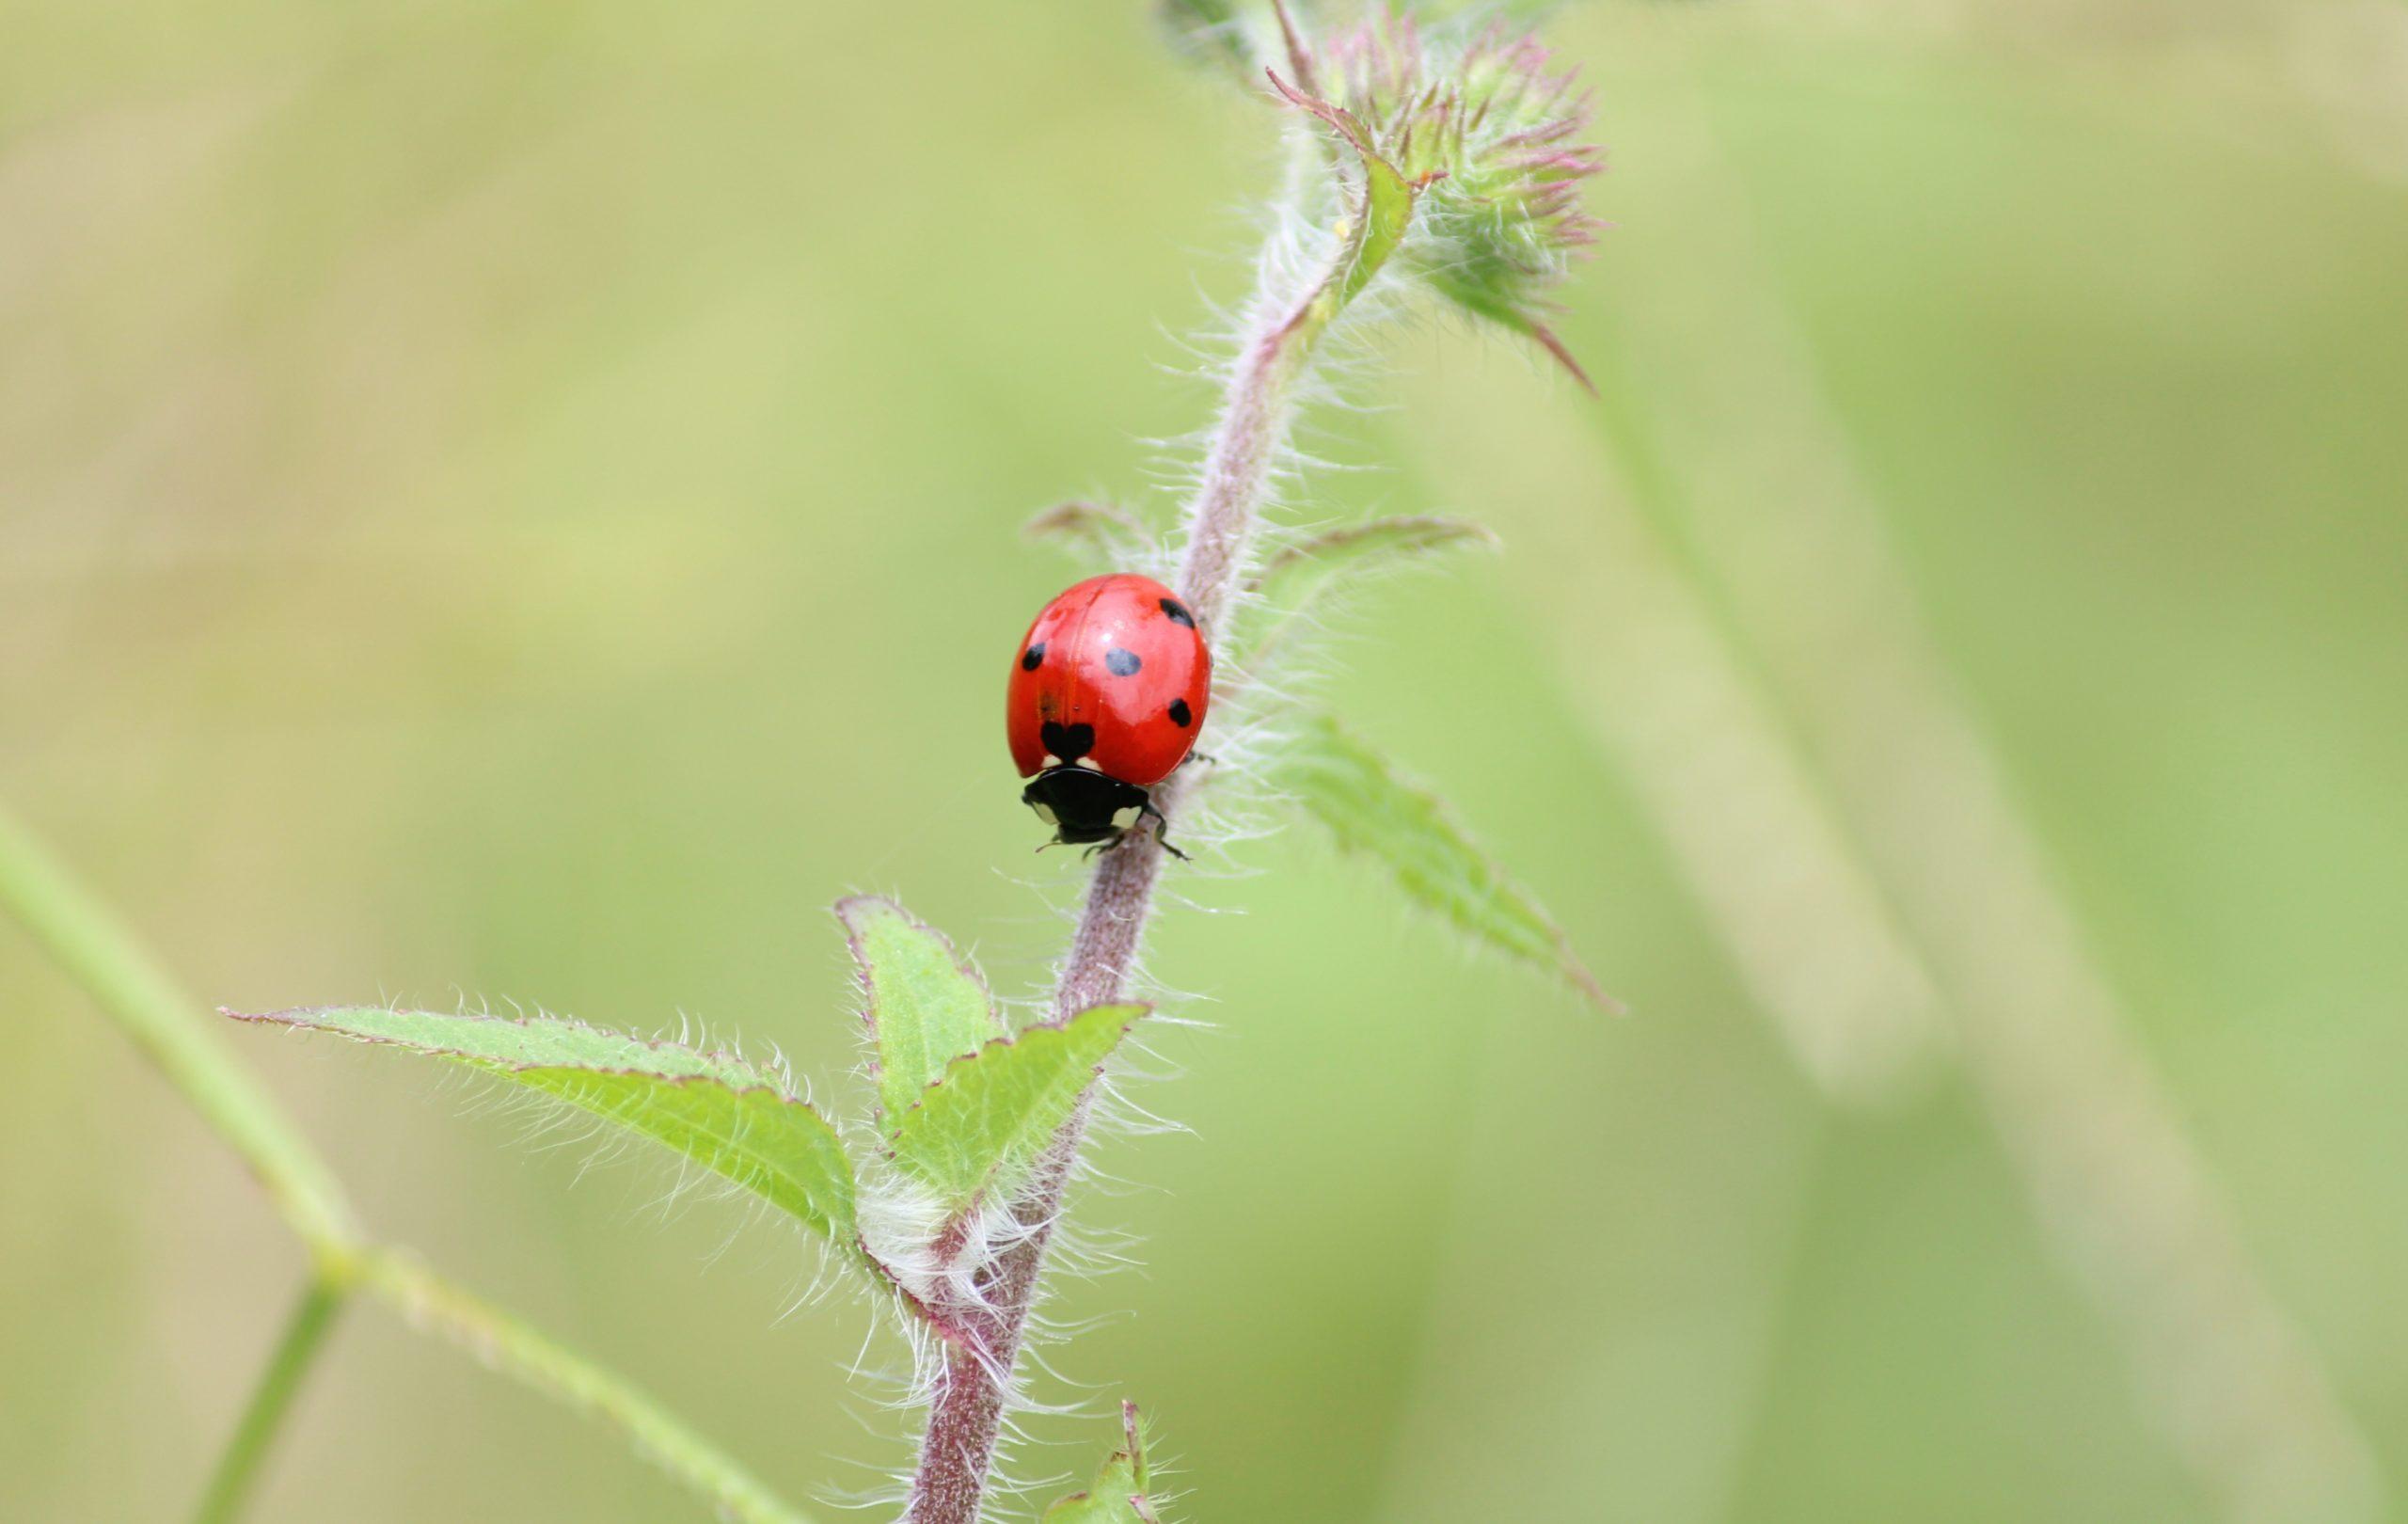 Close-up of a Ladybug on a Stem